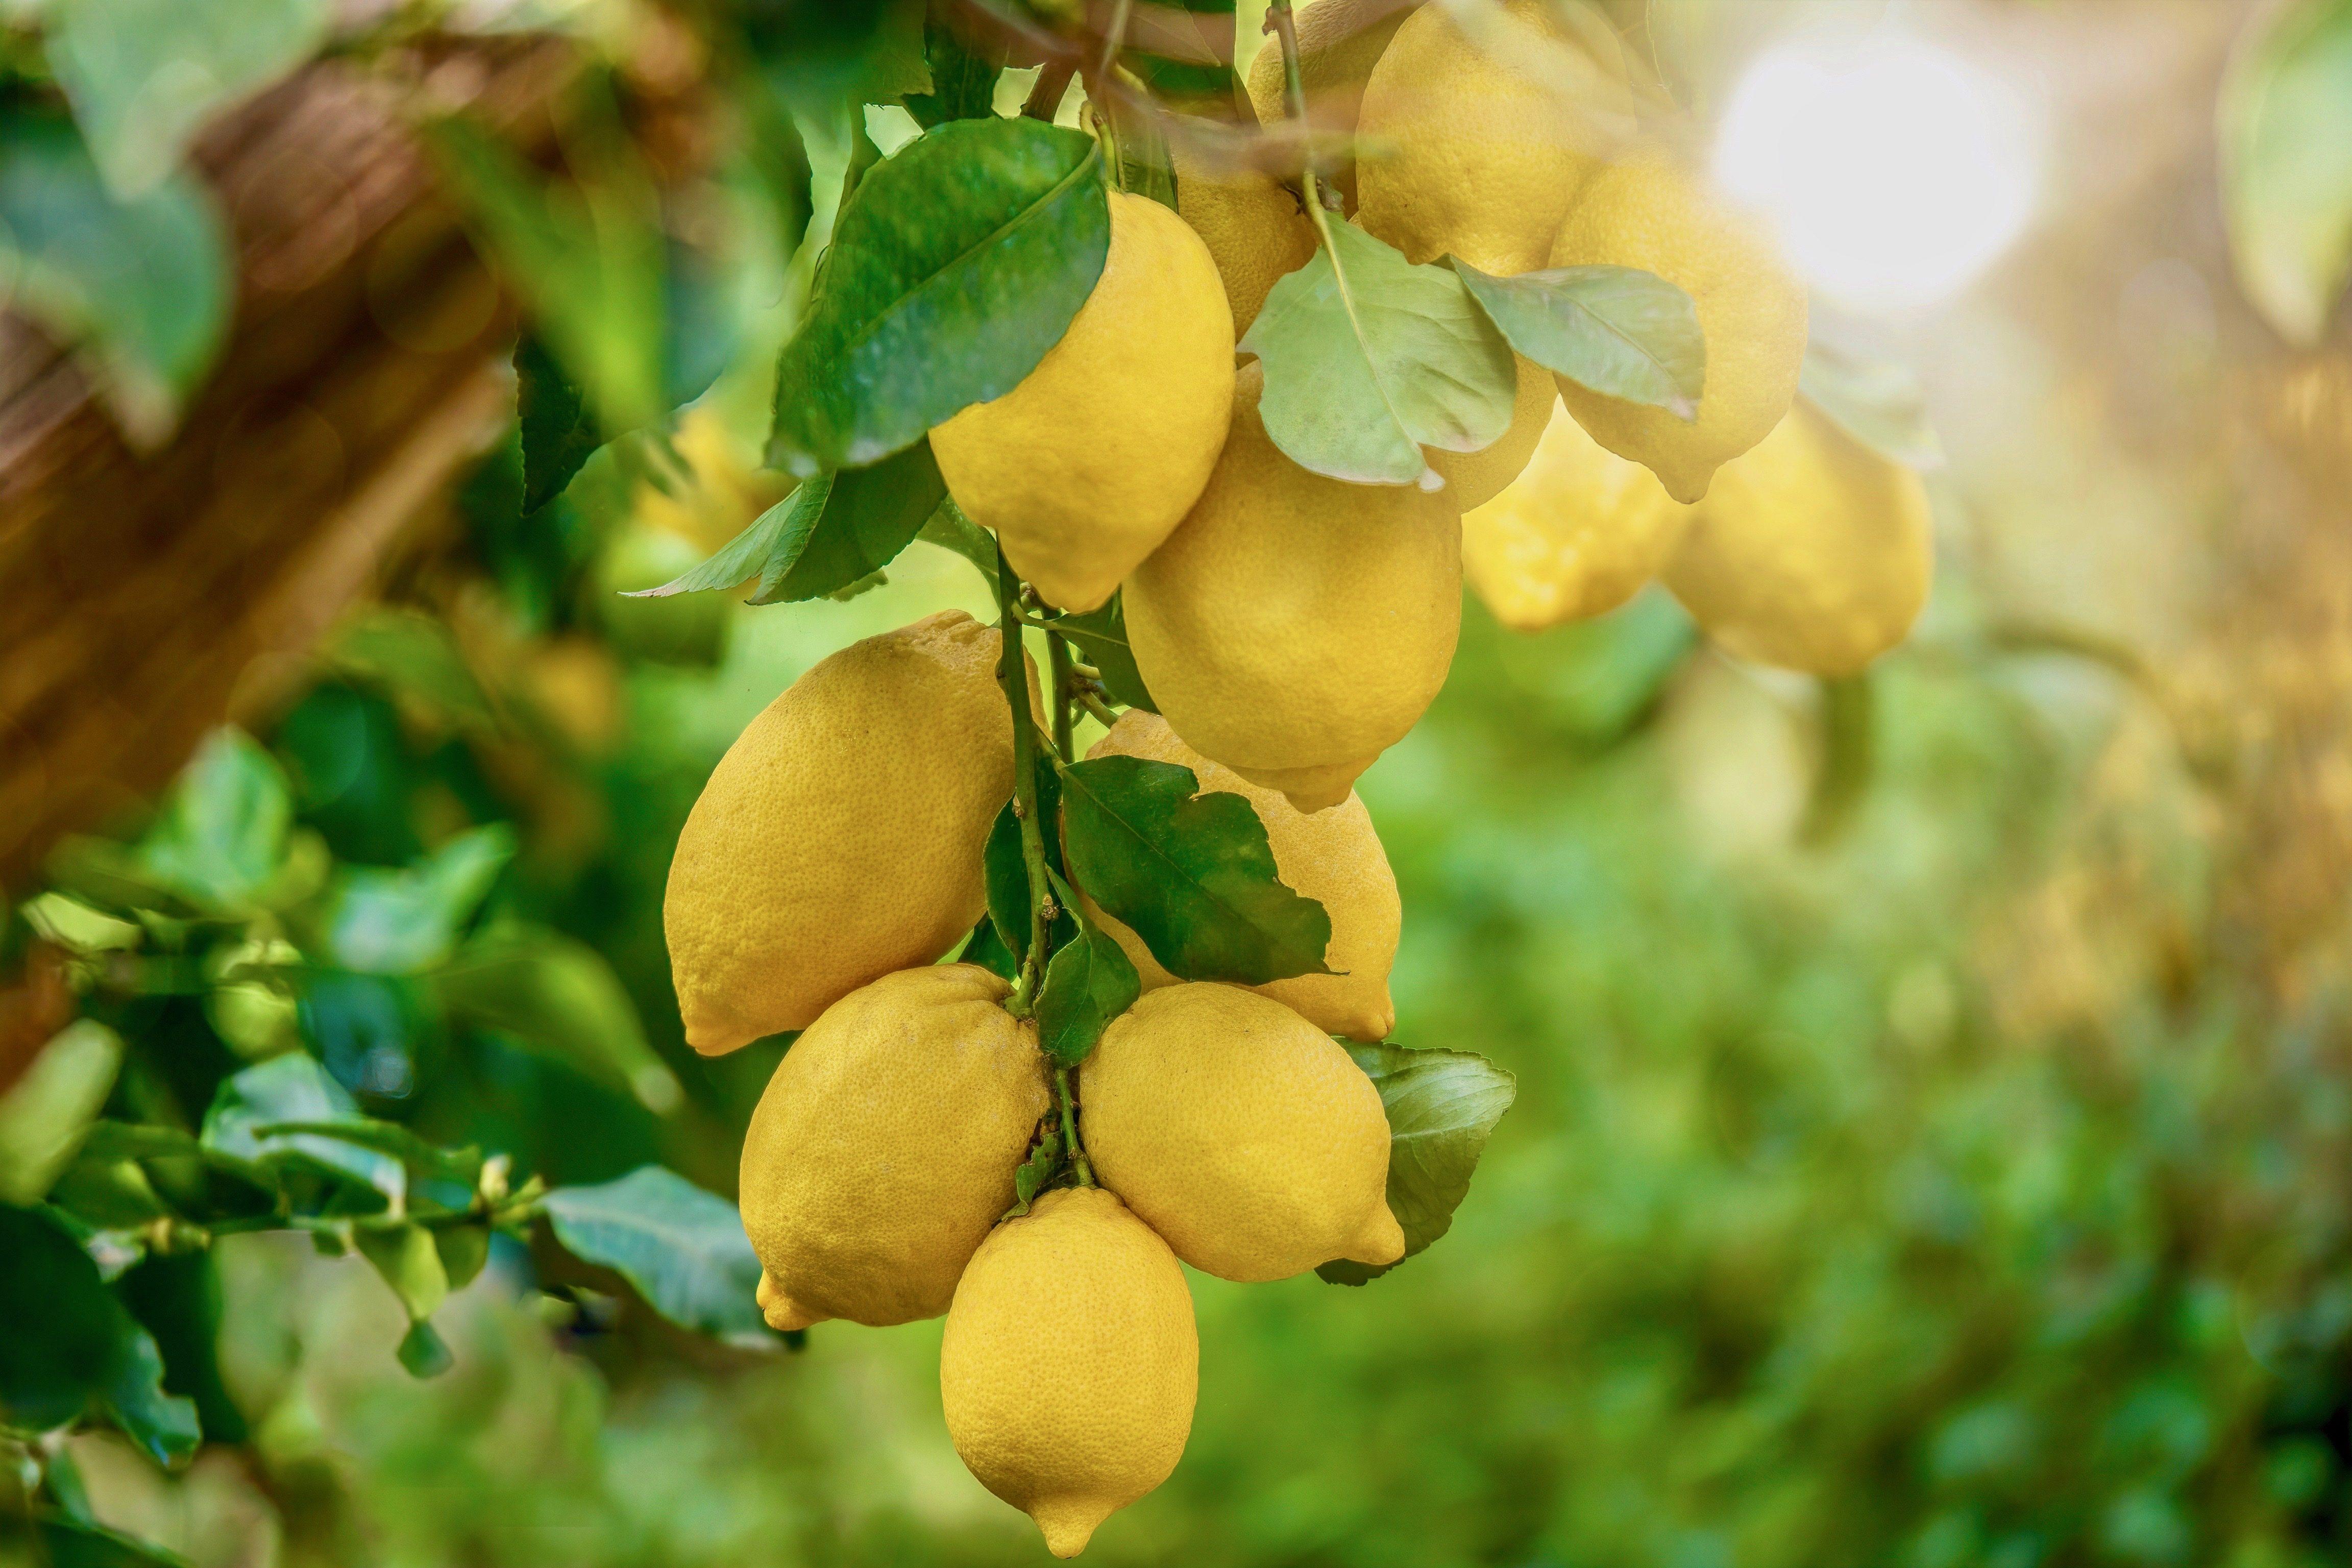 Interdonato di Messina: è siciliano il limone preferito dalla Regina Elisabetta